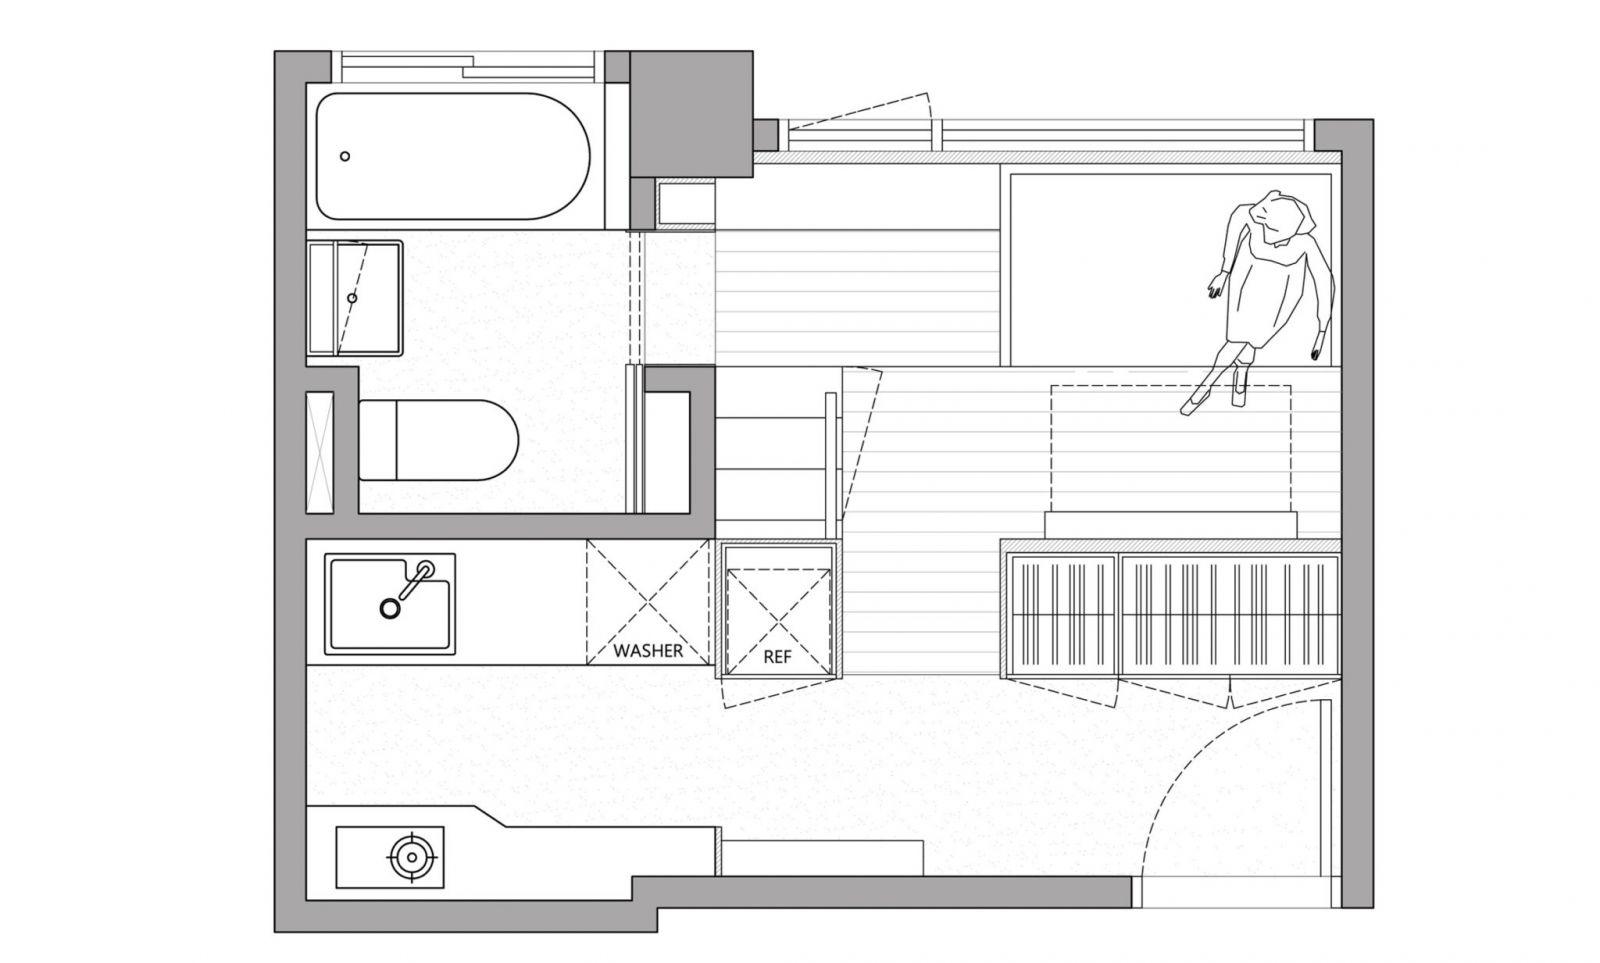 Thiết kế căn hộ diện tích nhỏ 11